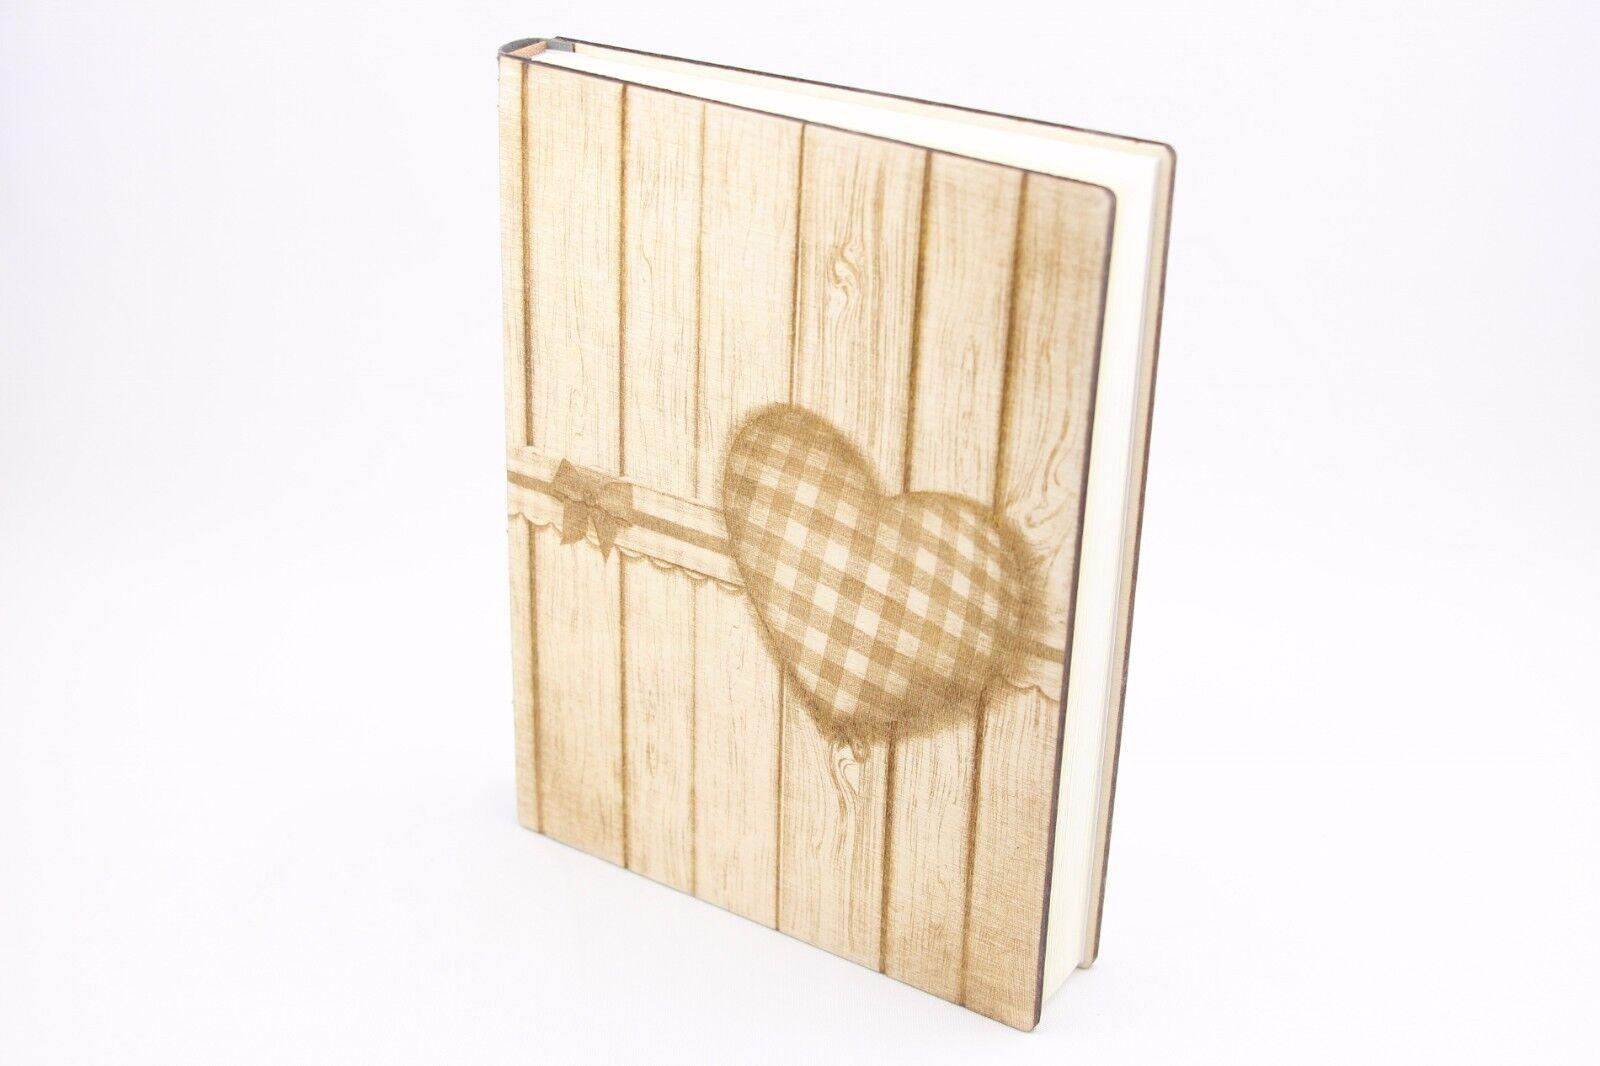 Holz Fotoalbum, Herz Fotoalbum, Hochzeit Buch, Holz Herz Herz Herz Fotoalbum e4fe89